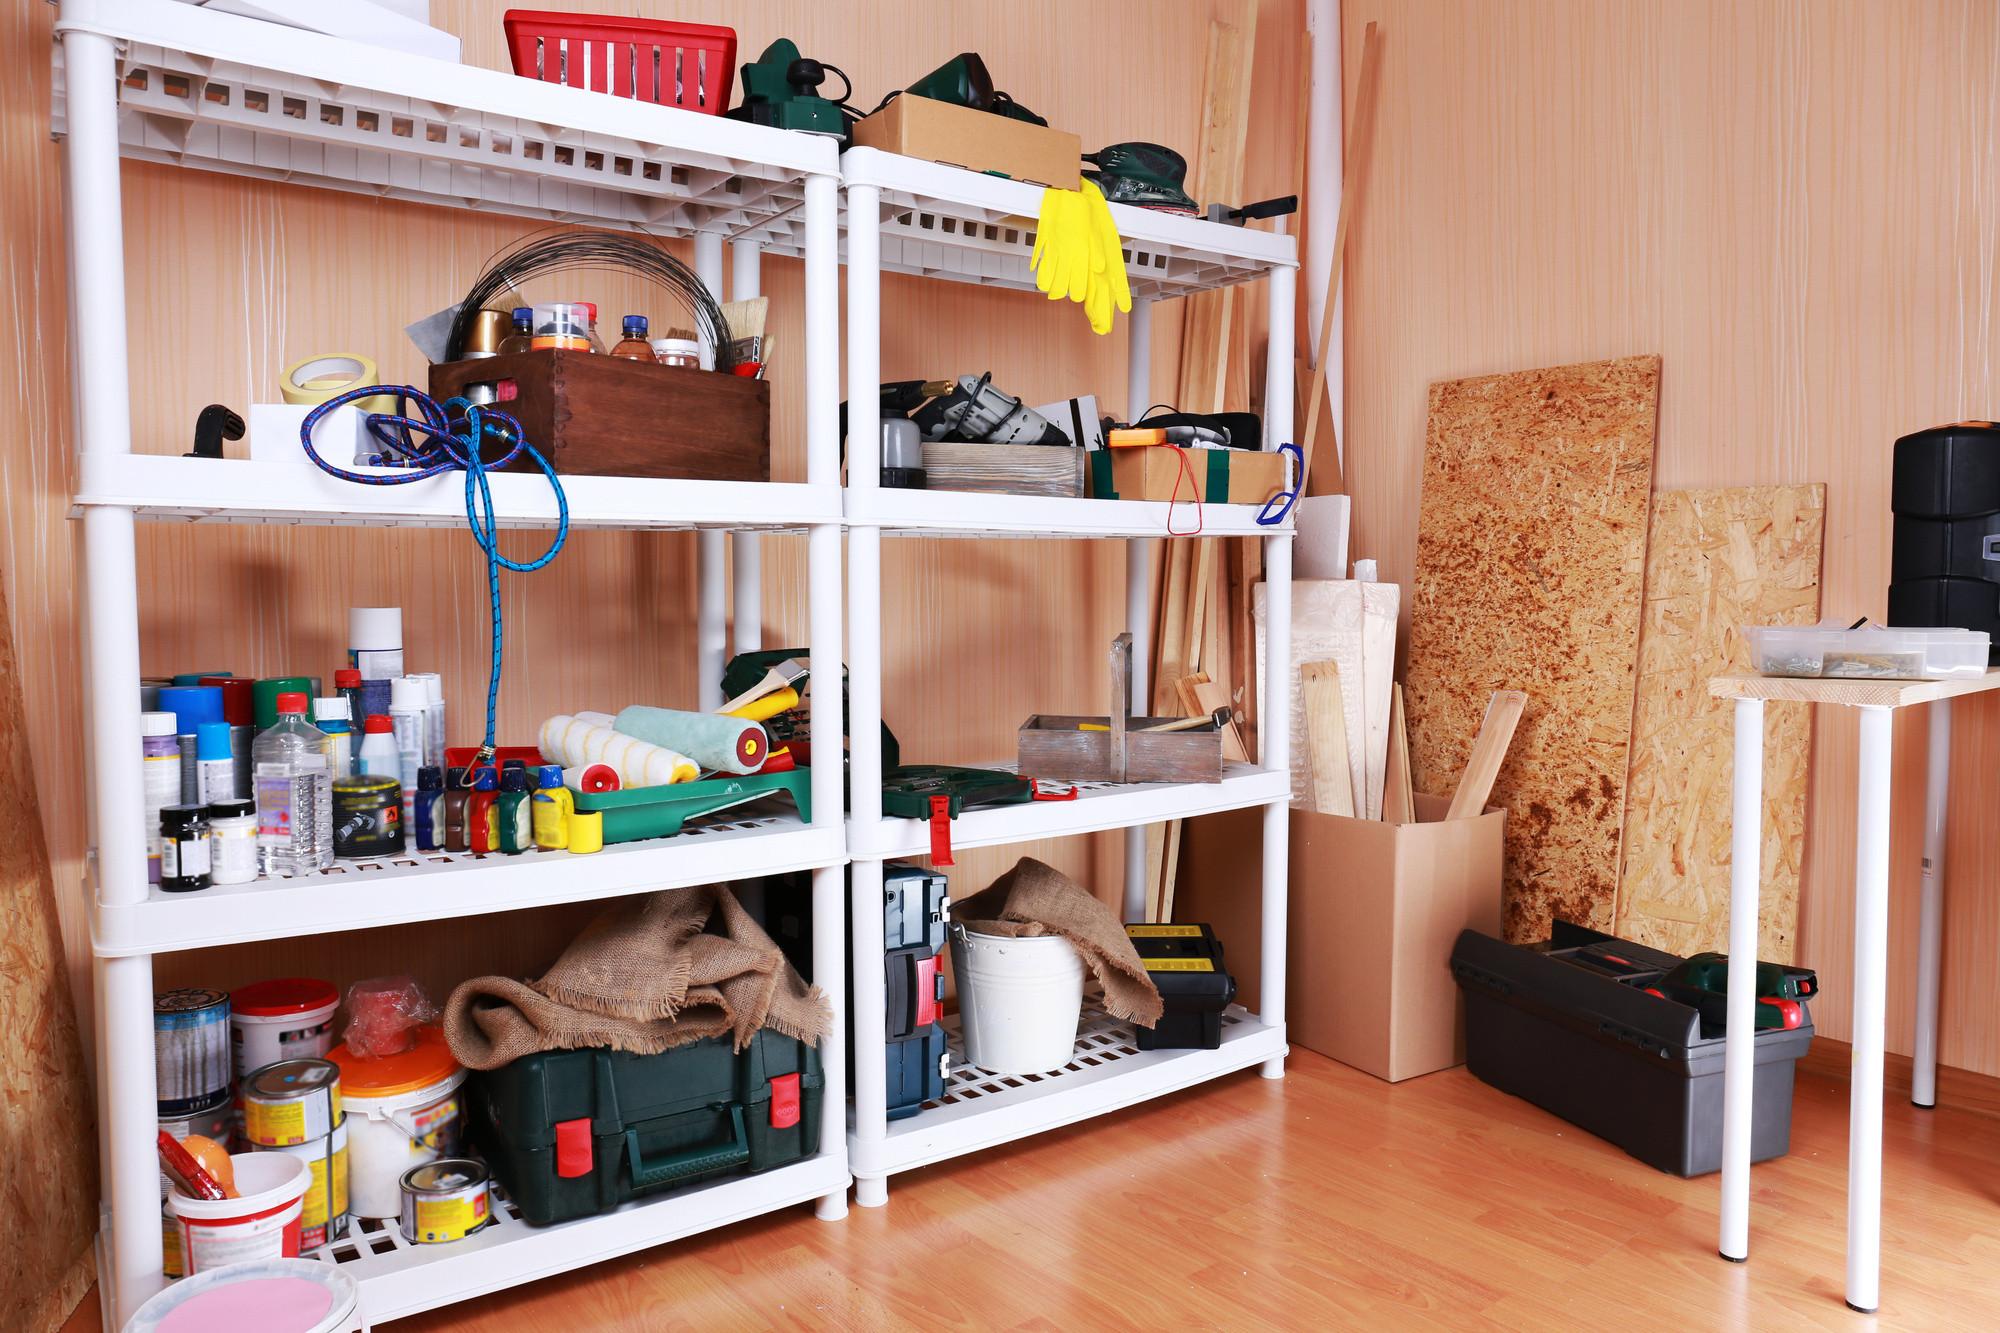 Garage Organization Ideas  5 Awesome Tips for DIY Garage Organization